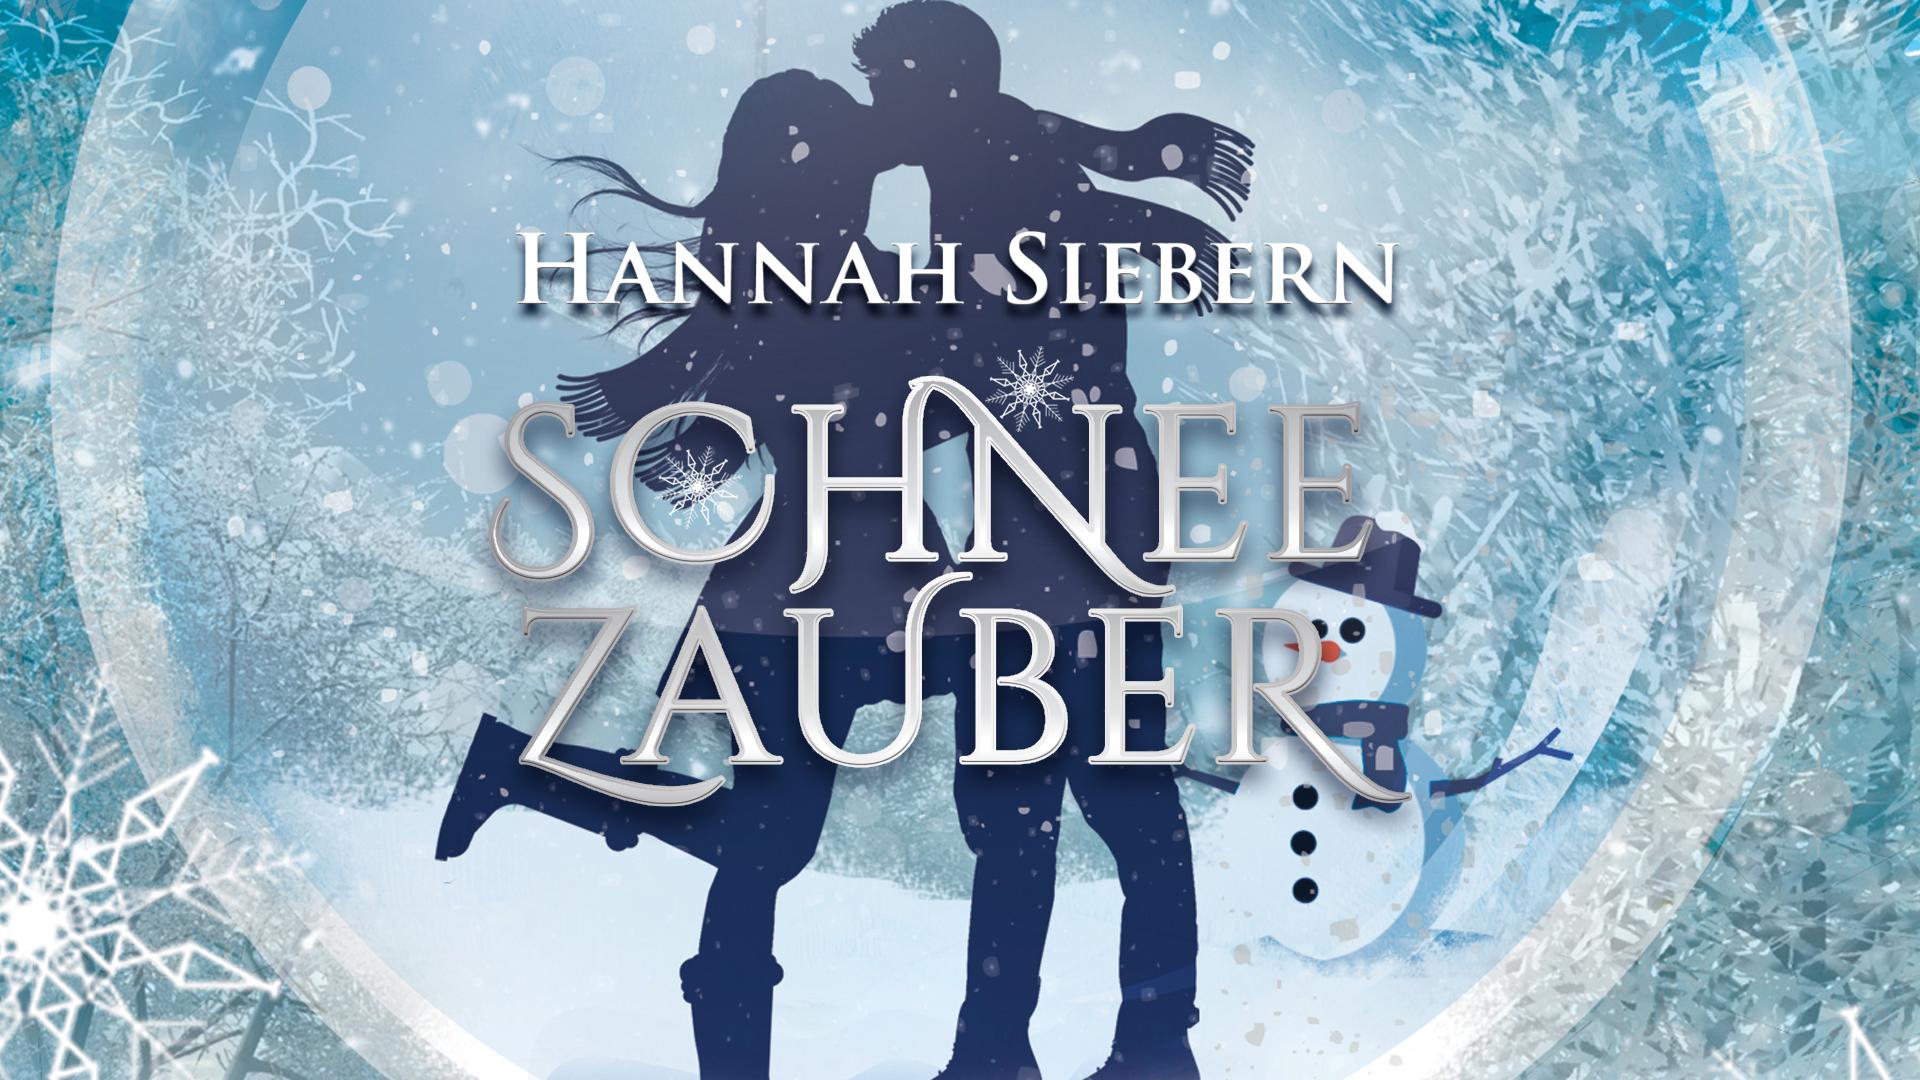 Hannah Sieberns modernes Wintermärchen Schneezauber: Küss den Schneemann